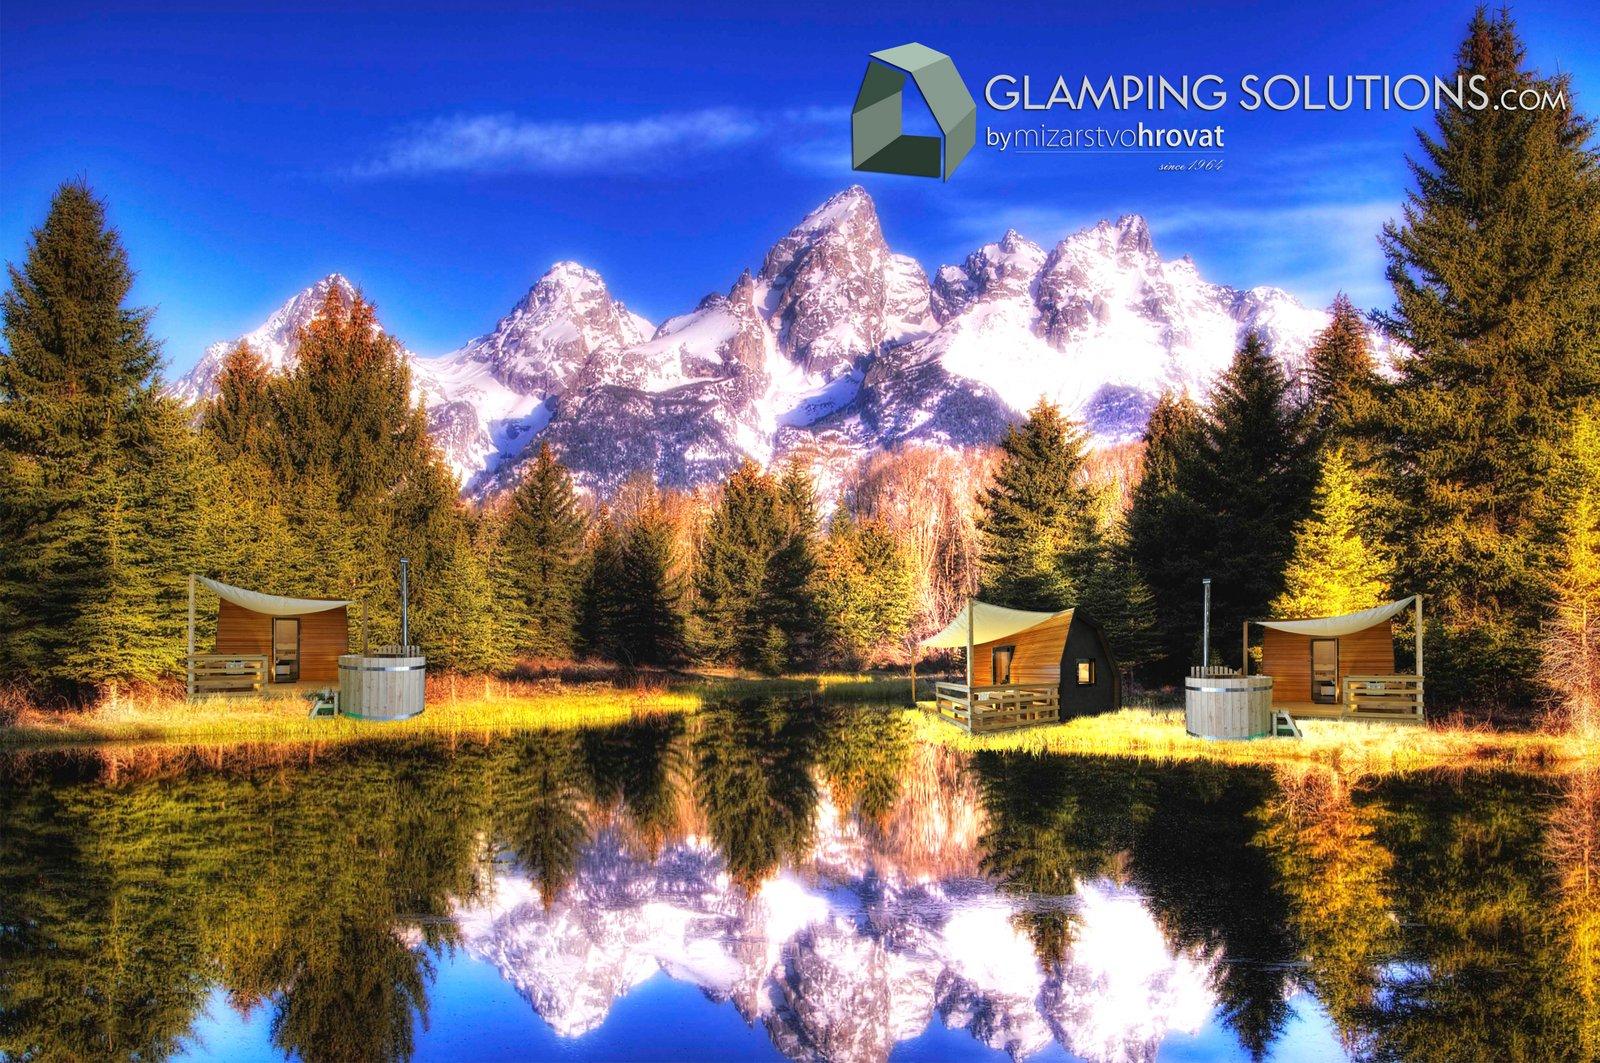 Glamping-bungalows